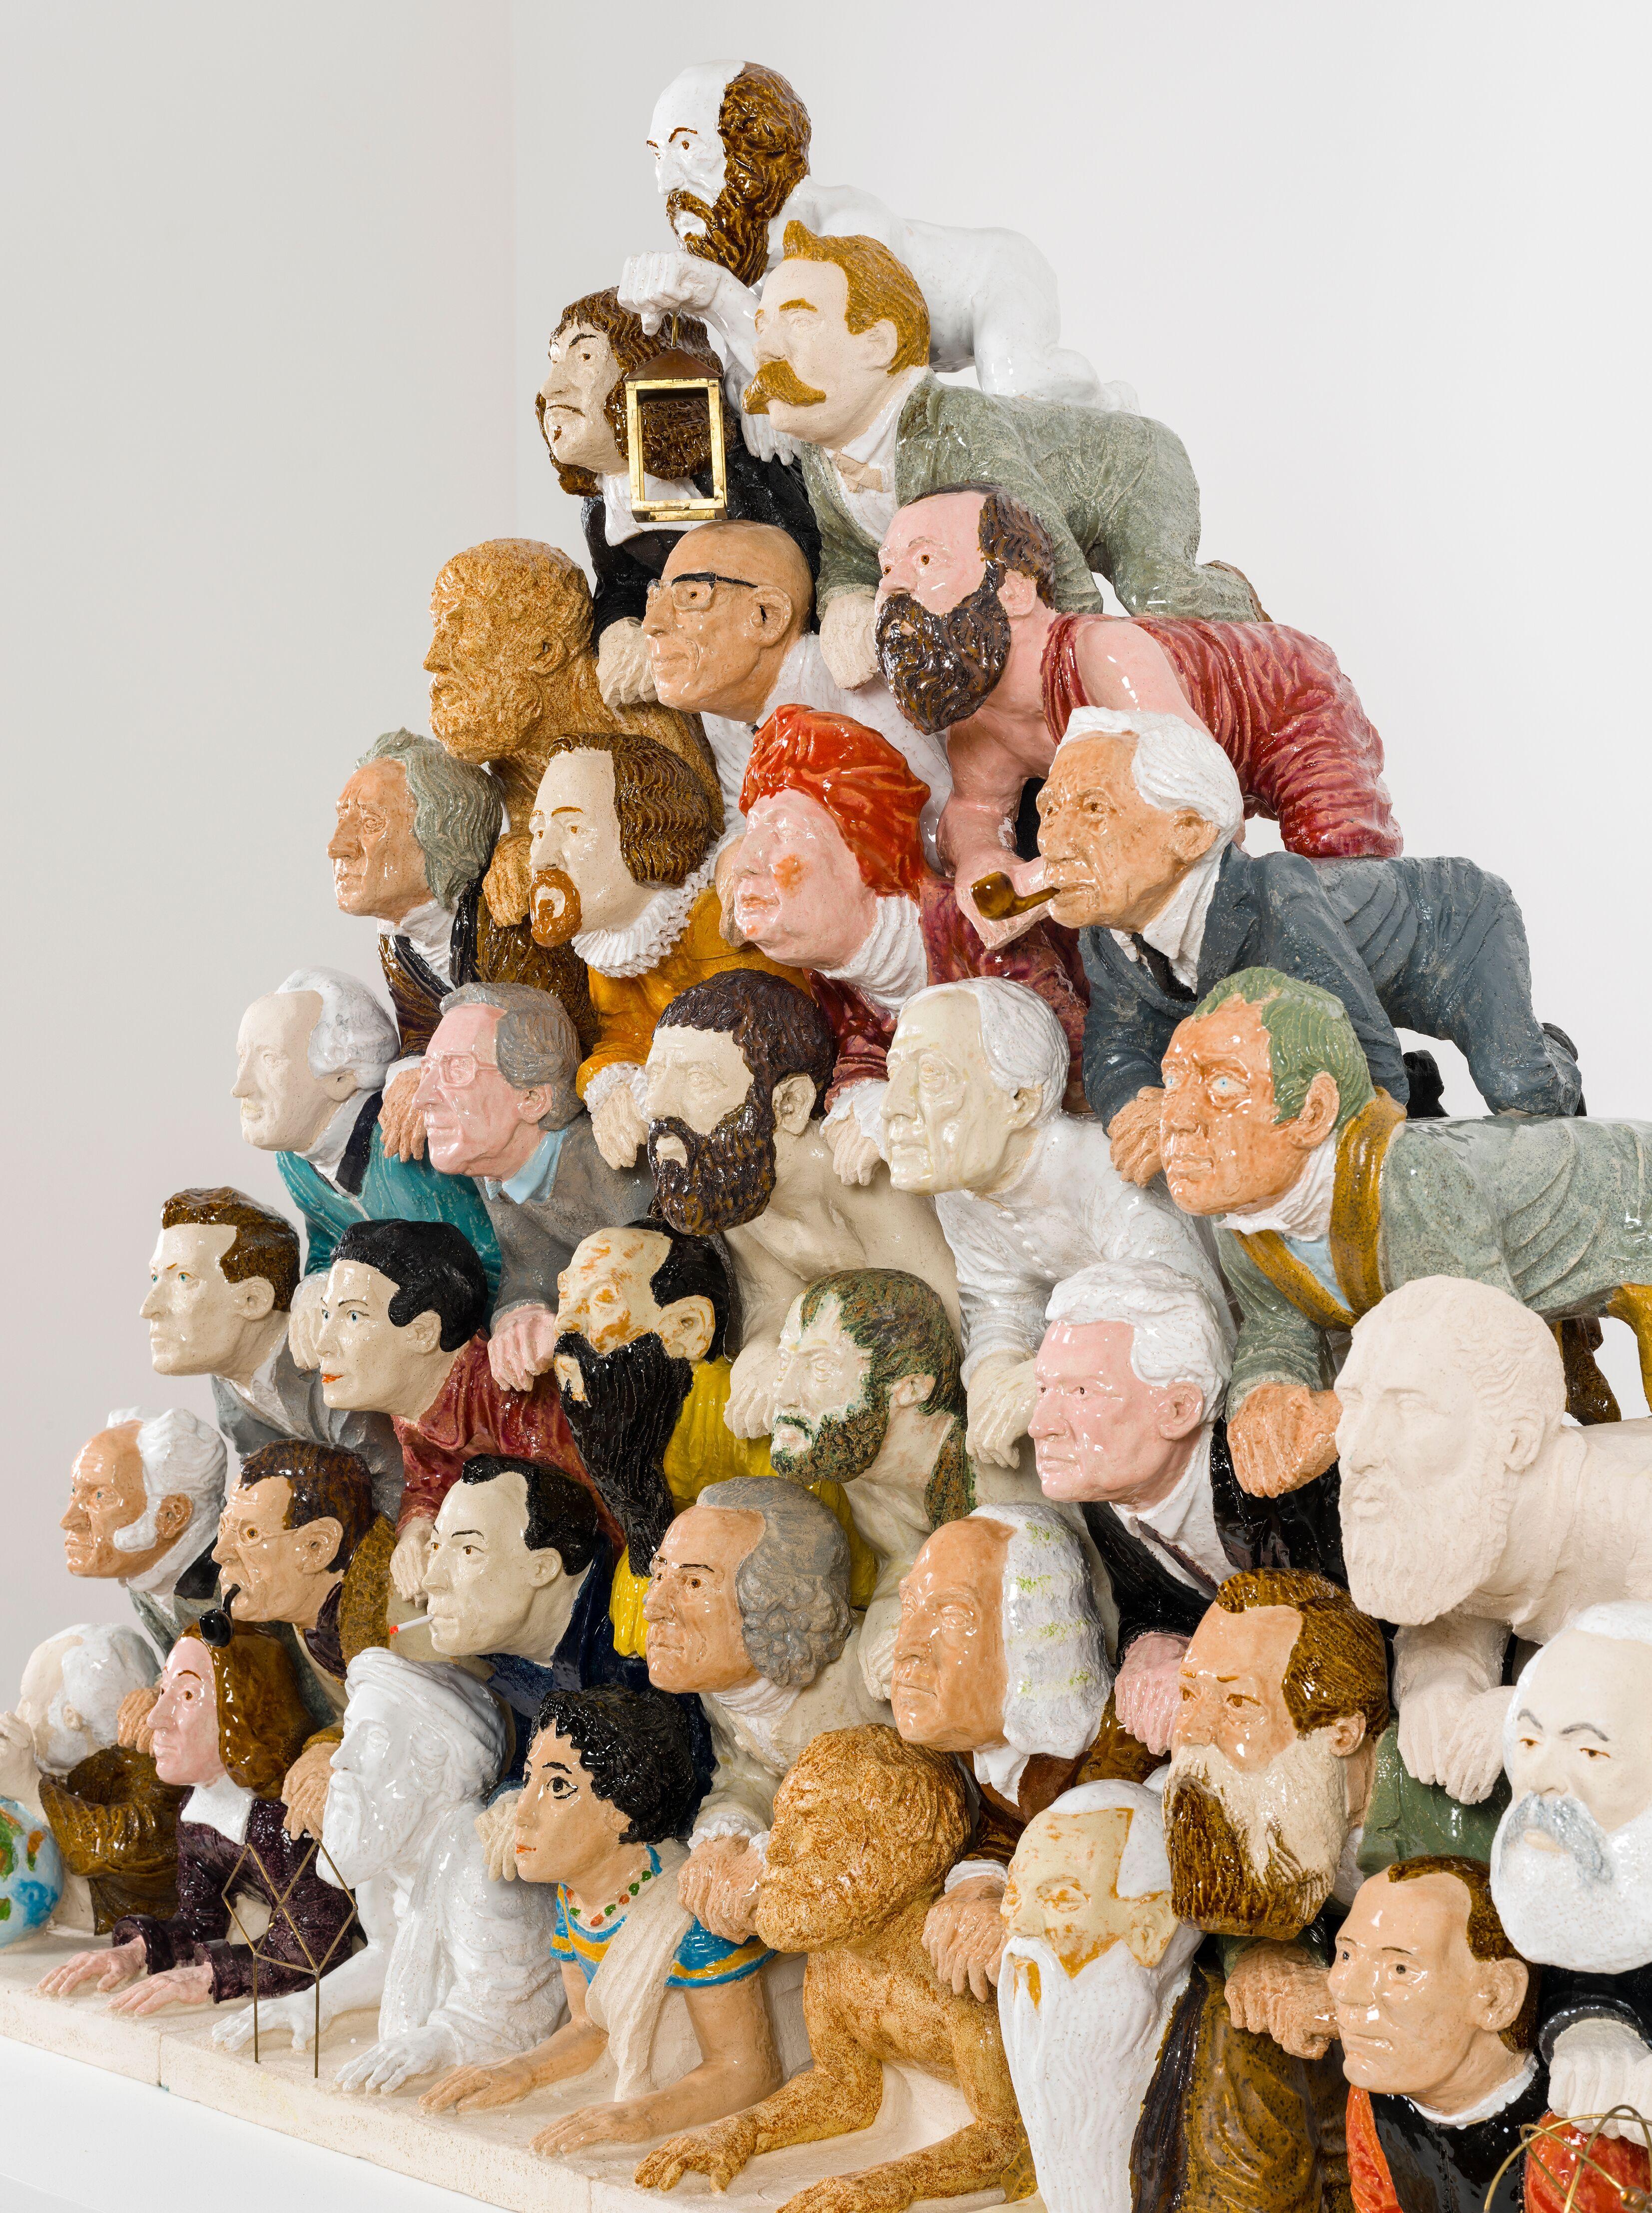 Διονύσης Καβαλλιεράτος , Philosophers forming a human pyramid , 2014. Εφυαλωμένο κεραμικό, μπρούντζος, χαλκός , 120 x 160 x 40 cm . Ευγενική παραχώρηση του καλλιτέχνη. Φωτο : Boris Kirpotin , Αθήνα